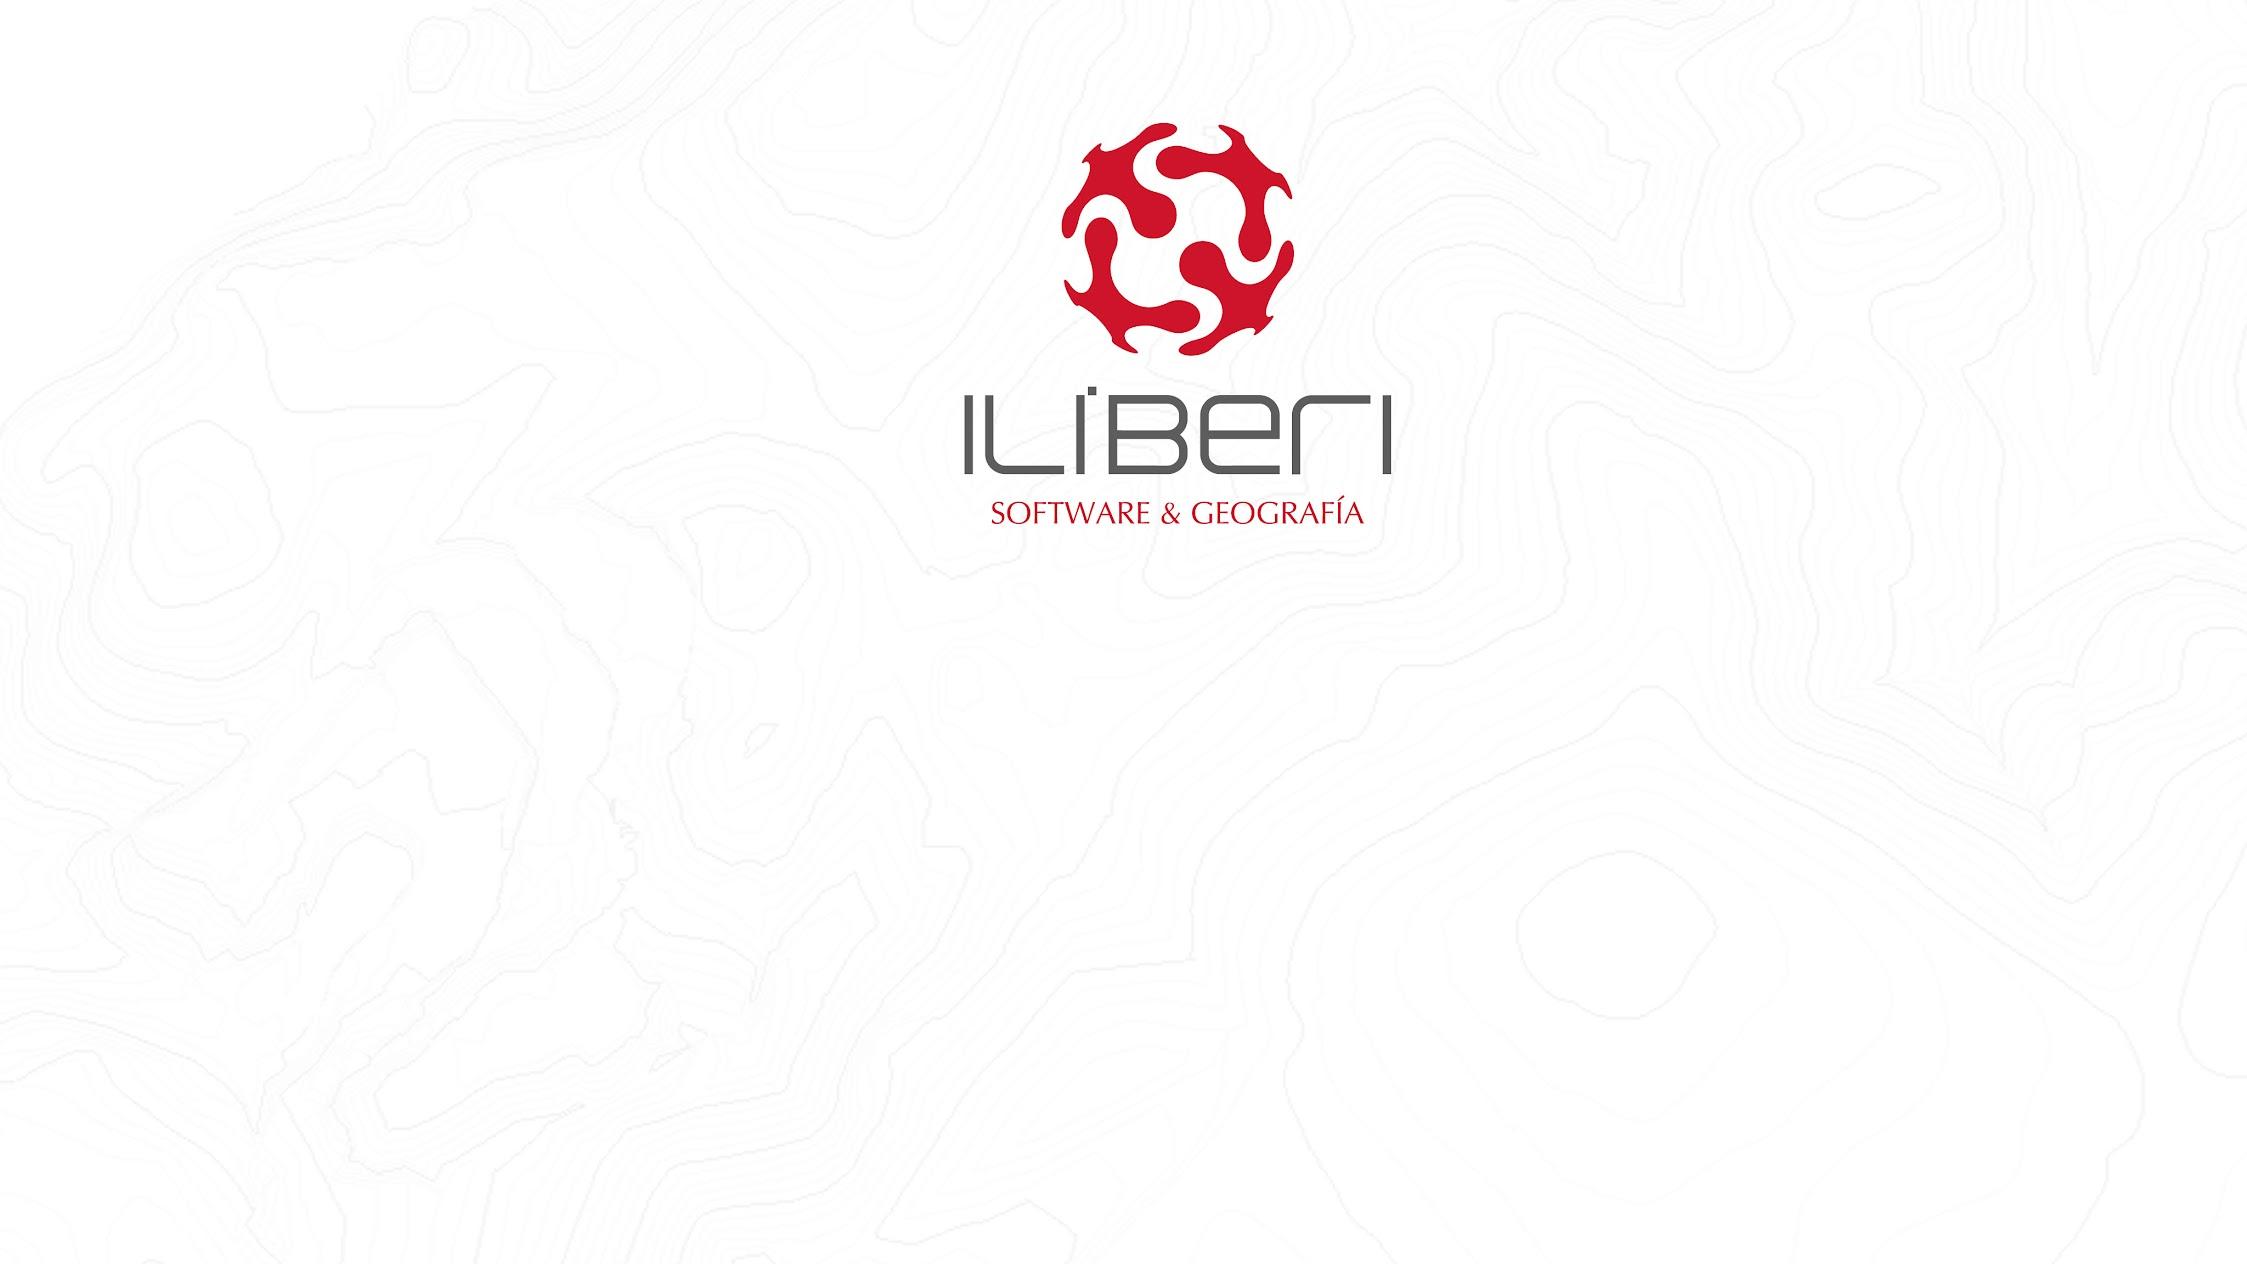 ILÍBERI Software & Geografía